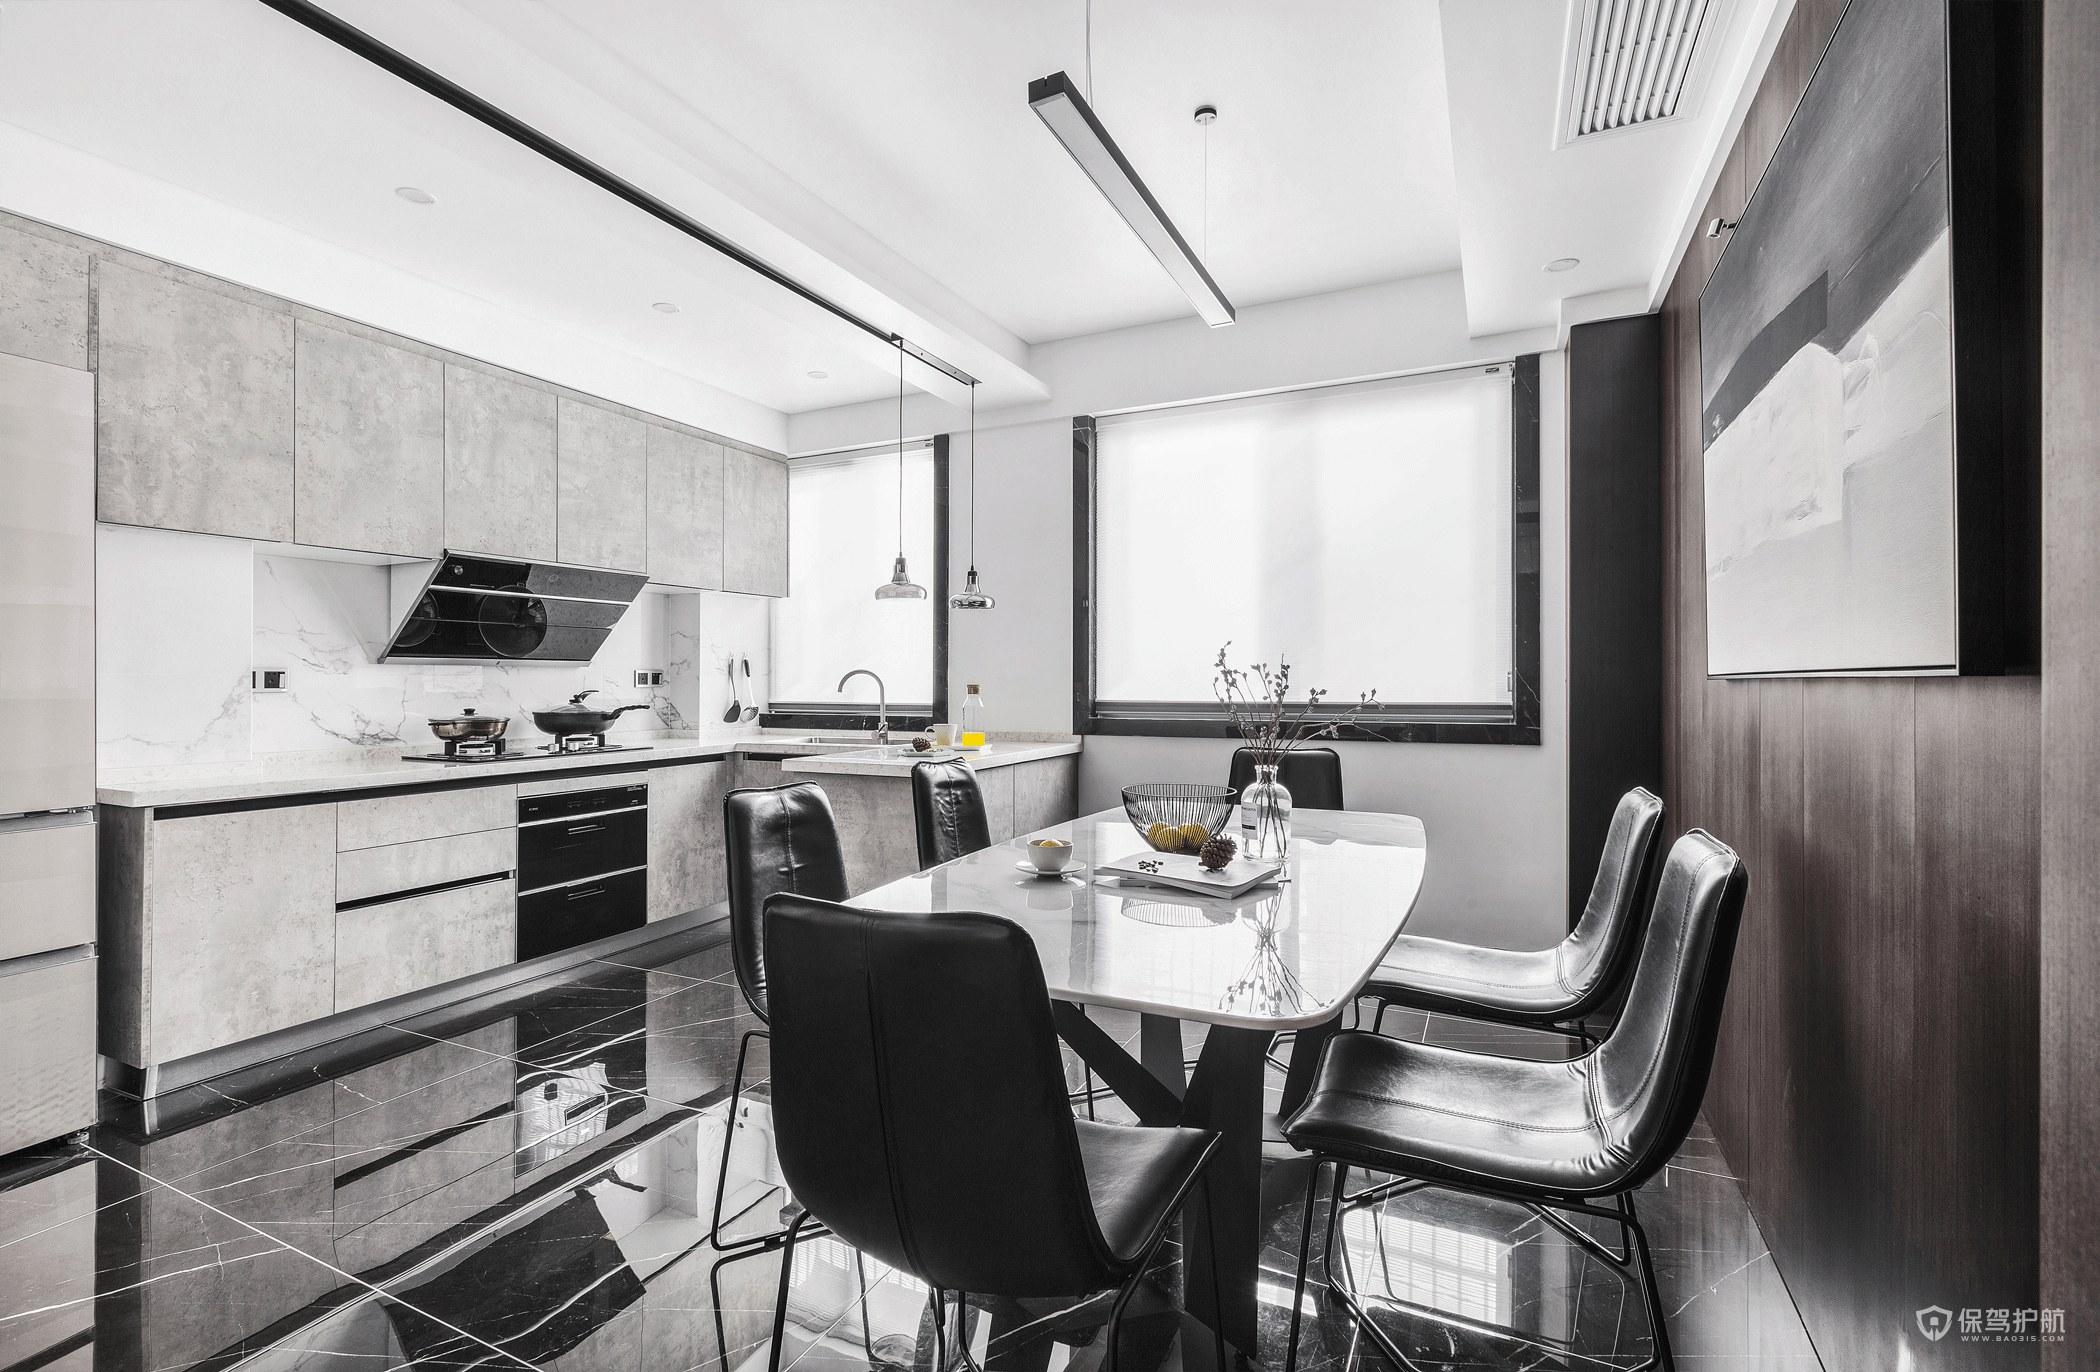 現代黑白簡約風廚房餐廳裝修效果圖